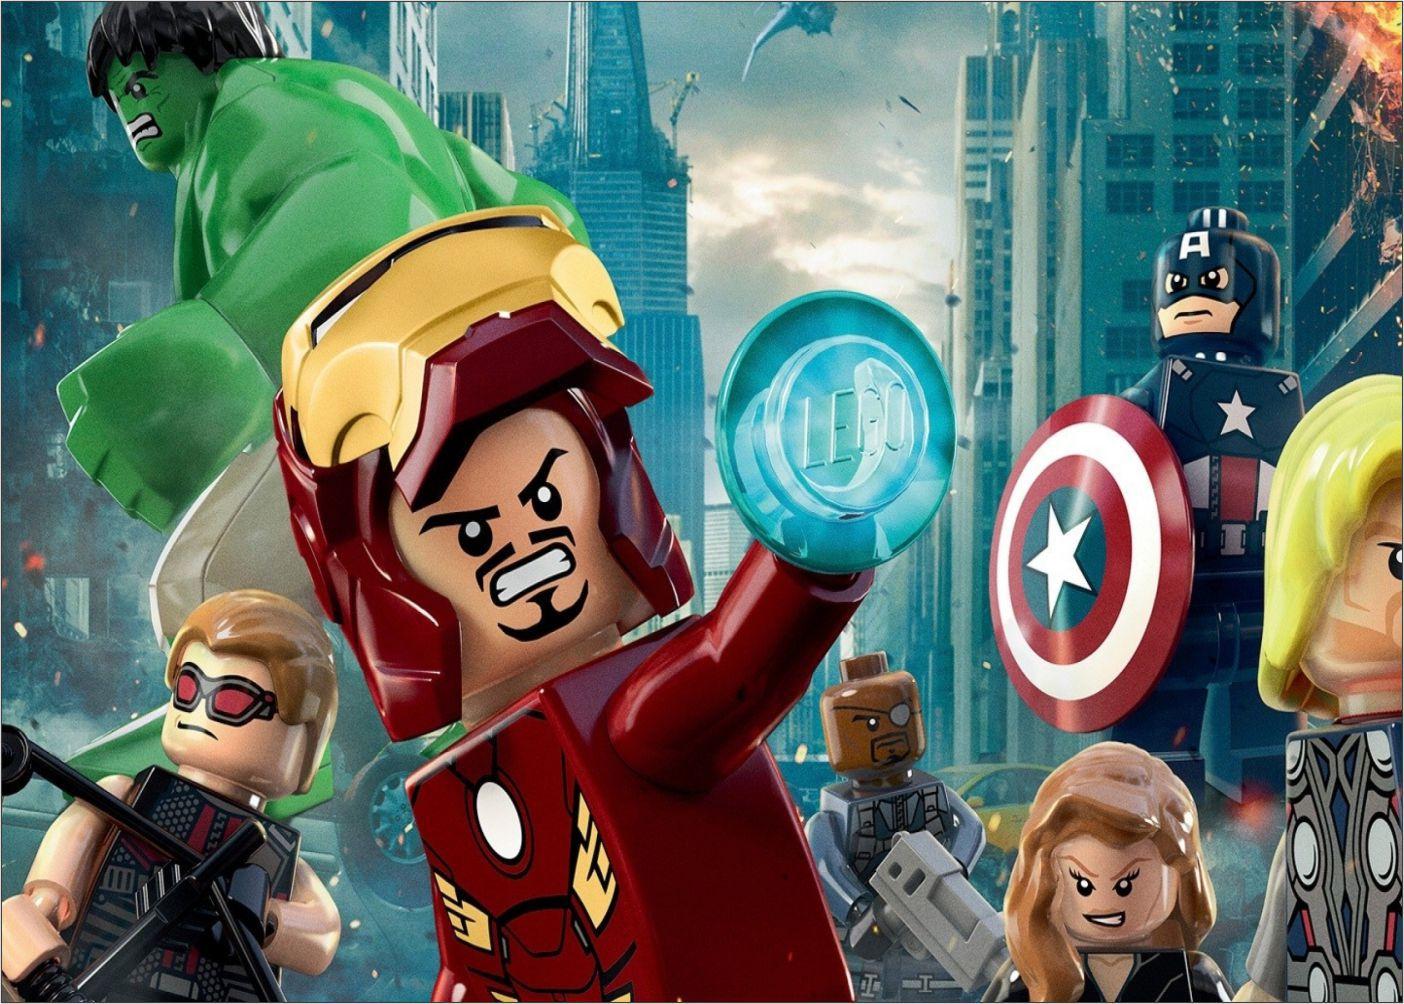 Papel de Parede Infantil Heróis lego 0010